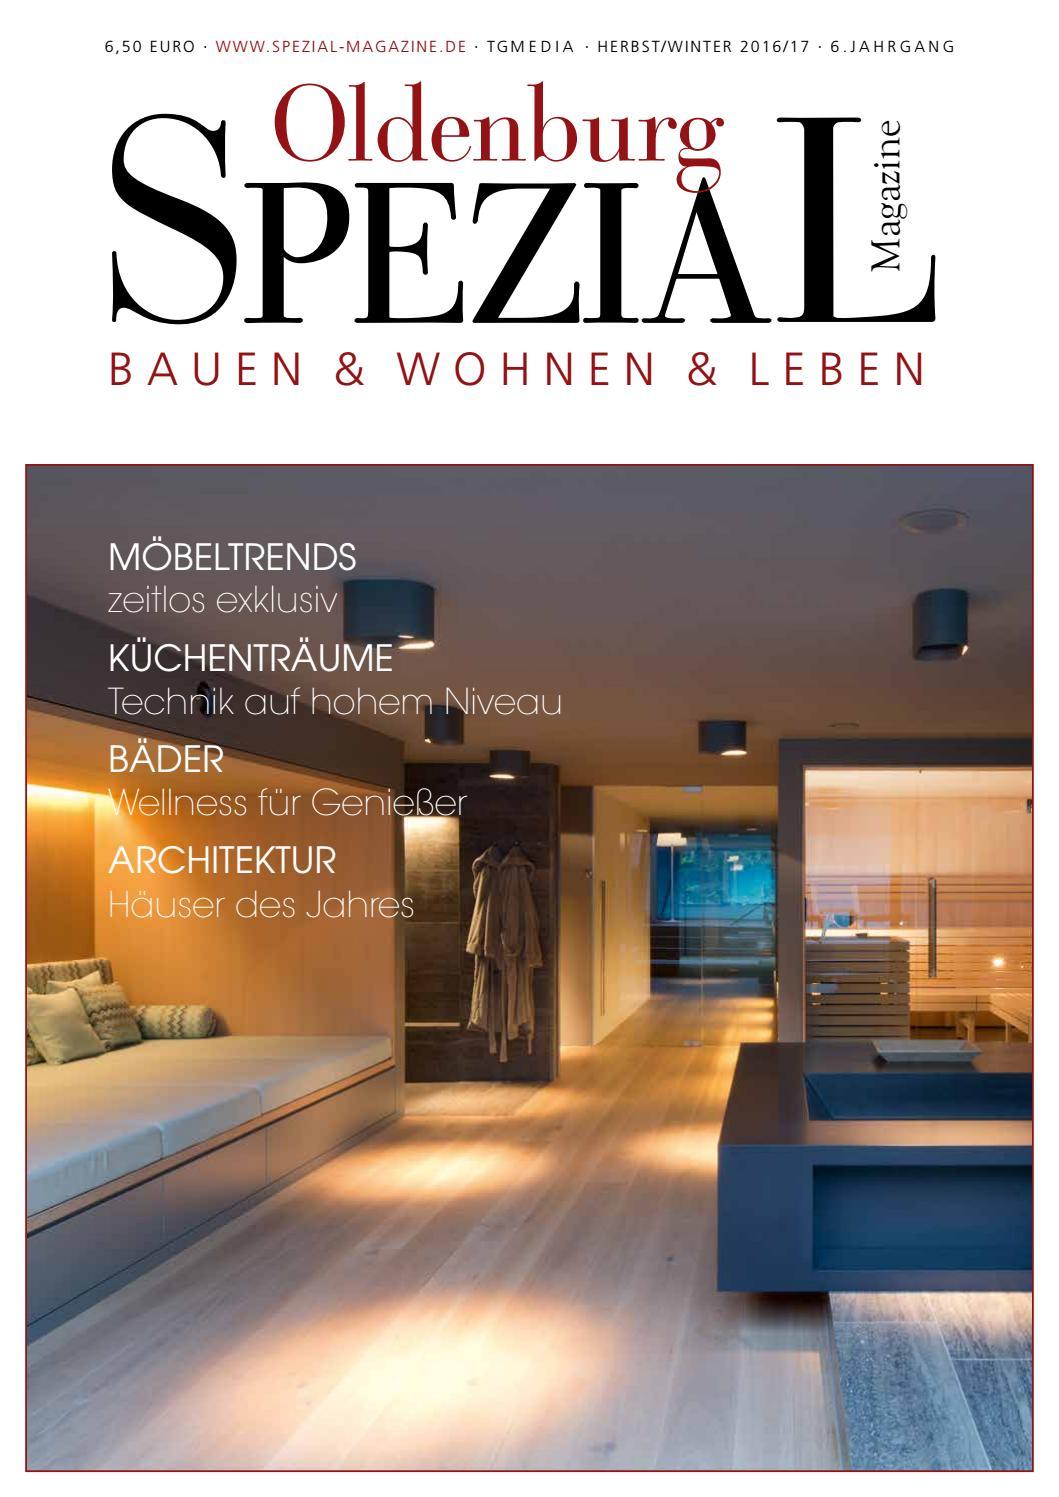 Oldenburg bauen herbst2016 low by Spezial Magazine , TG MEDIA - issuu